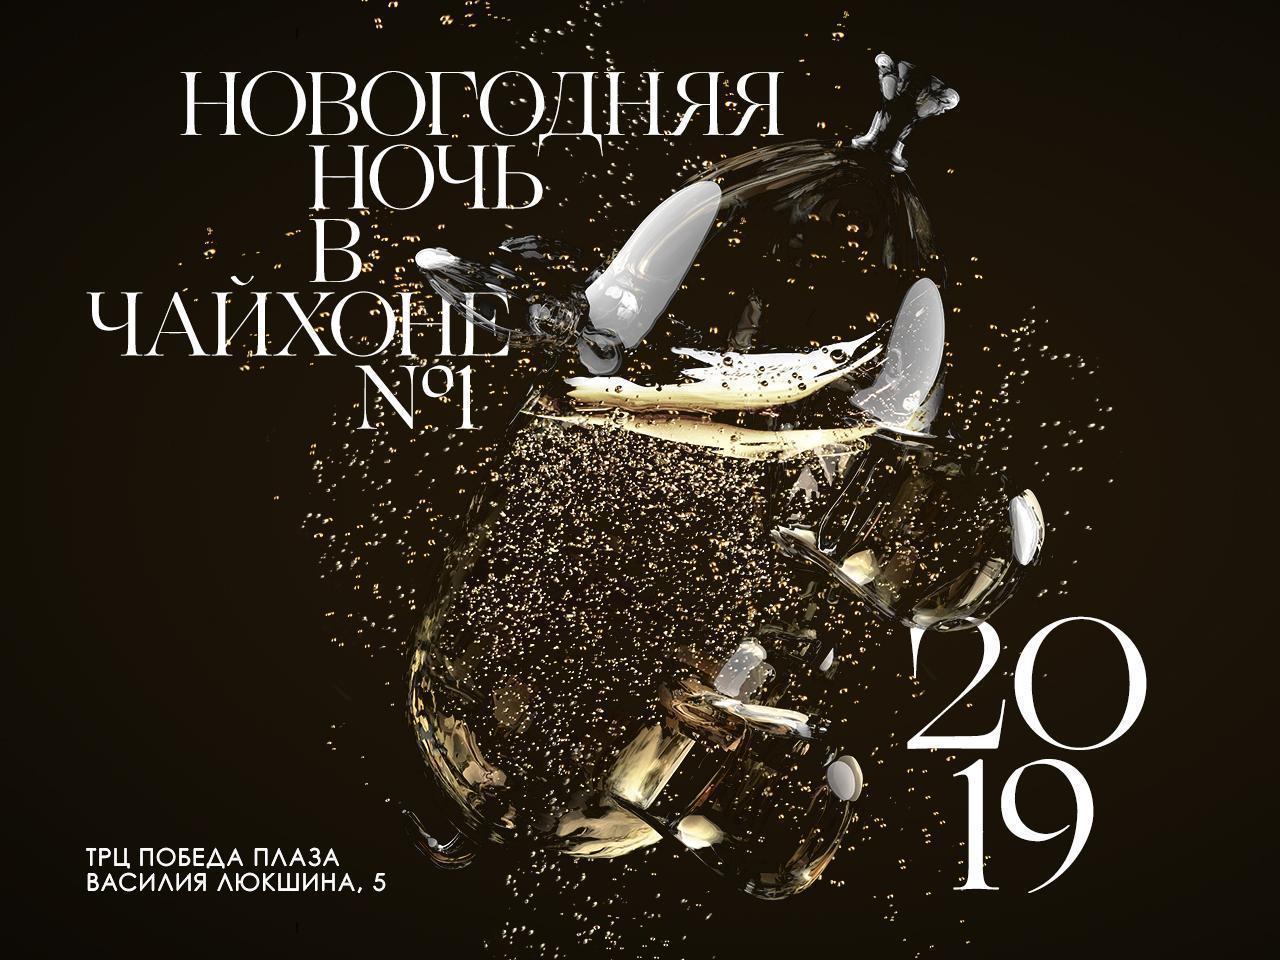 Новогодняя Ночь в Чайхоне №1 - волшебное событие! (Саратов)